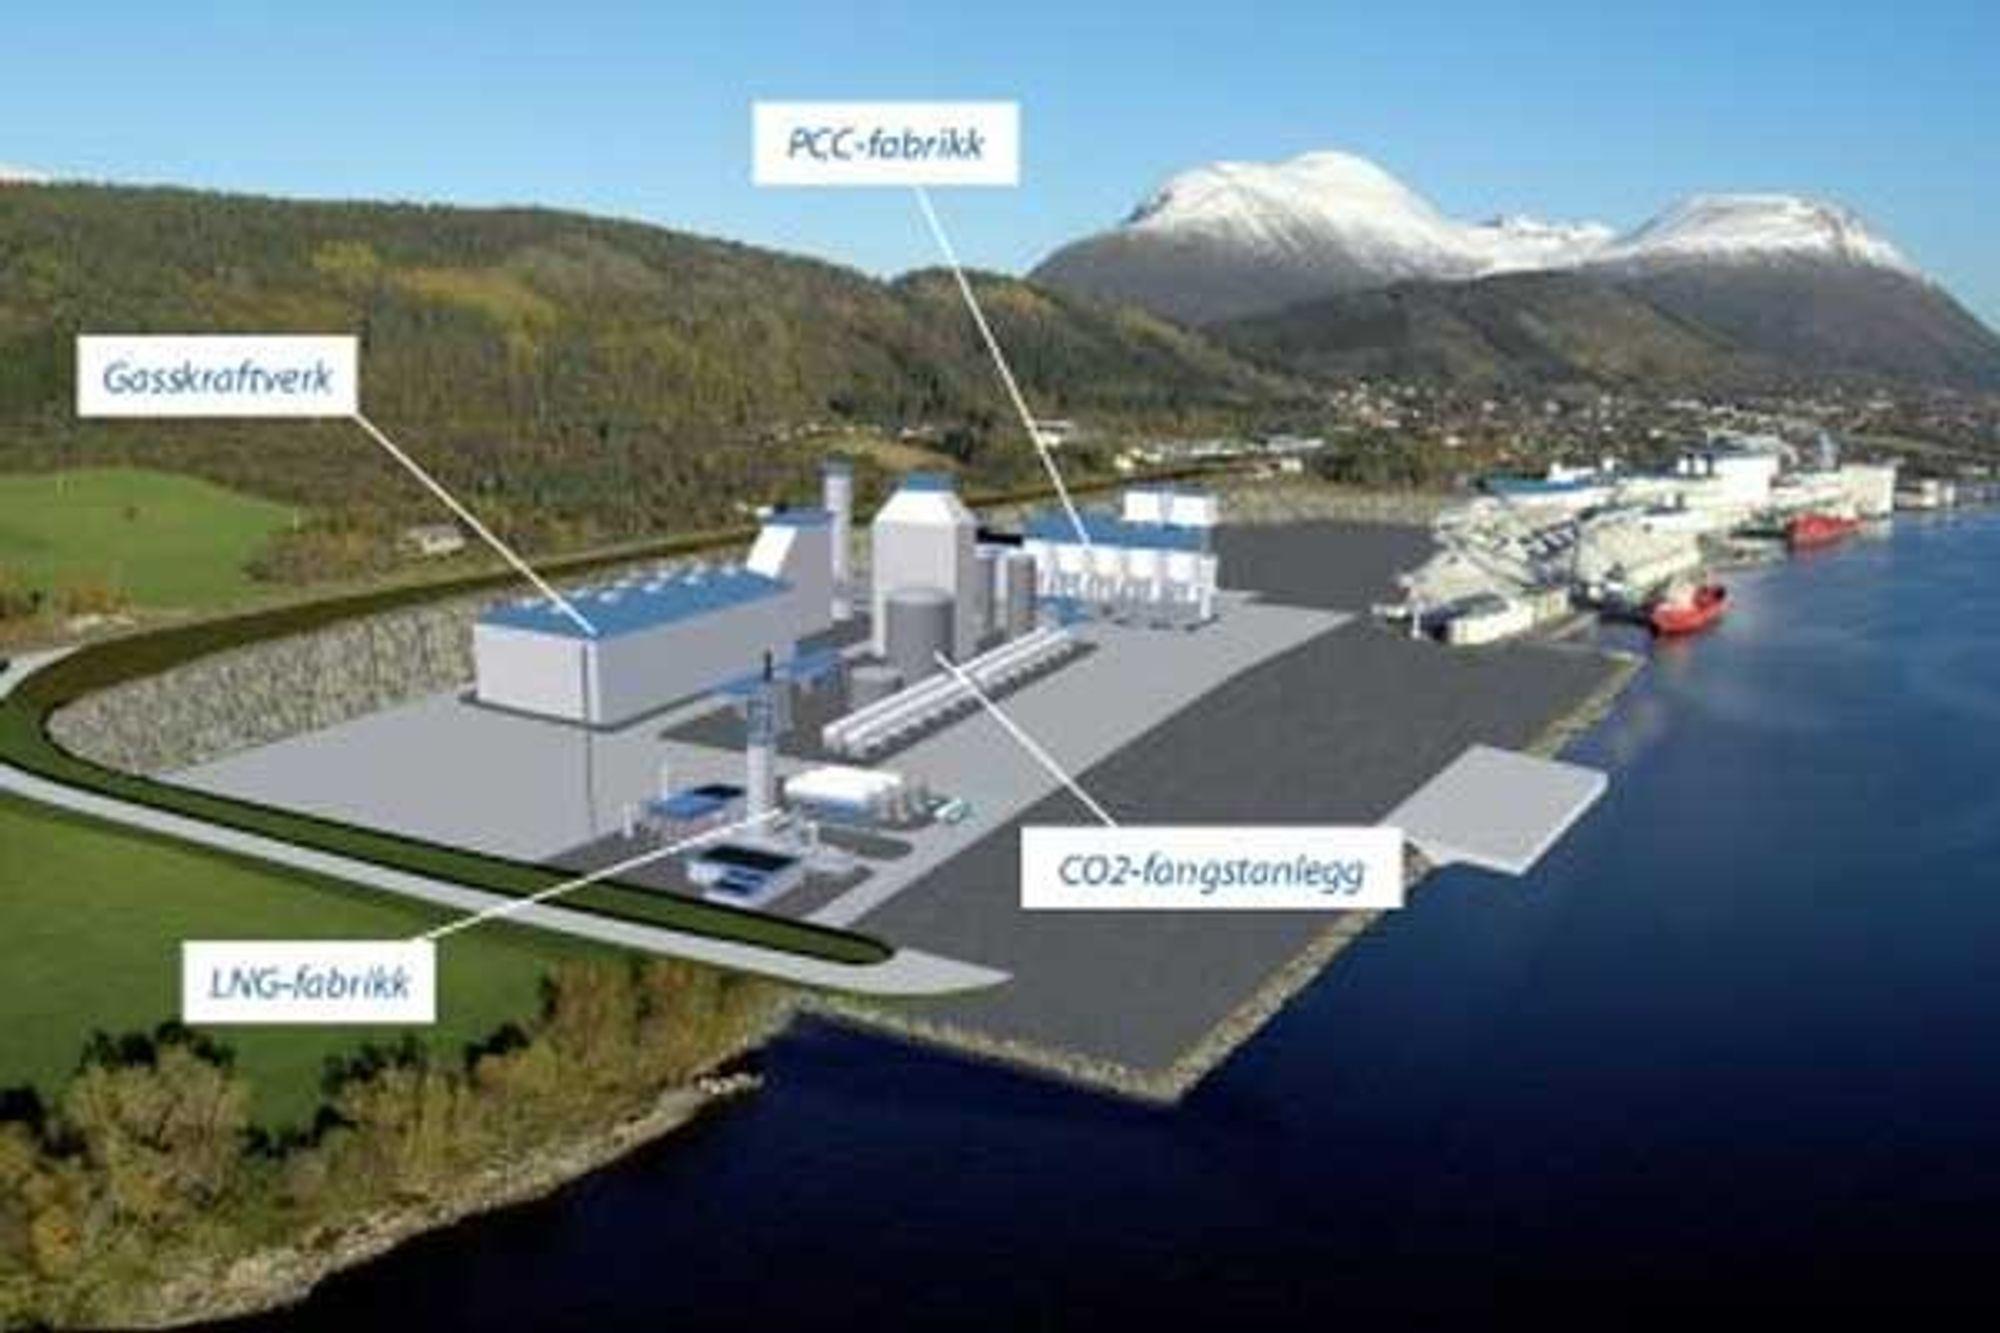 """Mørekraft søkte i 2006 om konsesjon i for bygging og drift av et industrikraftverk på opptil 450 MW i tilknytning til Hustadmarmor AS sin virksomhet i Elnesvågen i Fræna kommune, nær ilandføringsstedet for gass fra """"Ormen Lange"""" på Nyhamna. NVE sa nei, men aktørene har anket. SFT vil at CO2-utslippene isåfall skal renses og deponeres."""